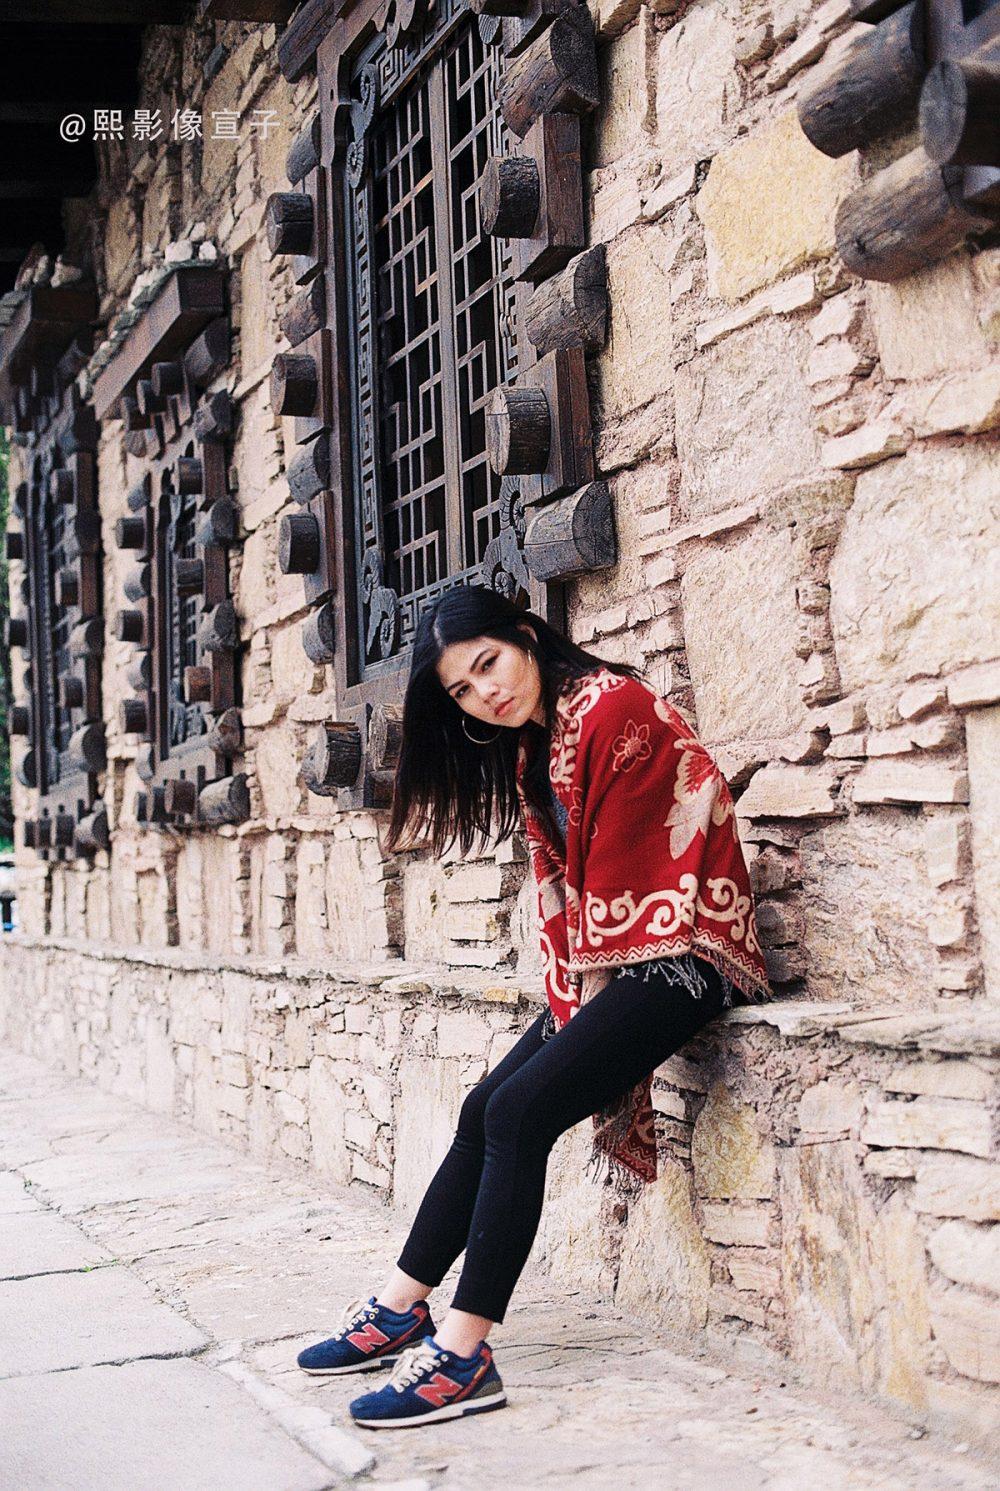 南方姑娘 @熙影像宣子-菲林中文-独立胶片摄影门户!